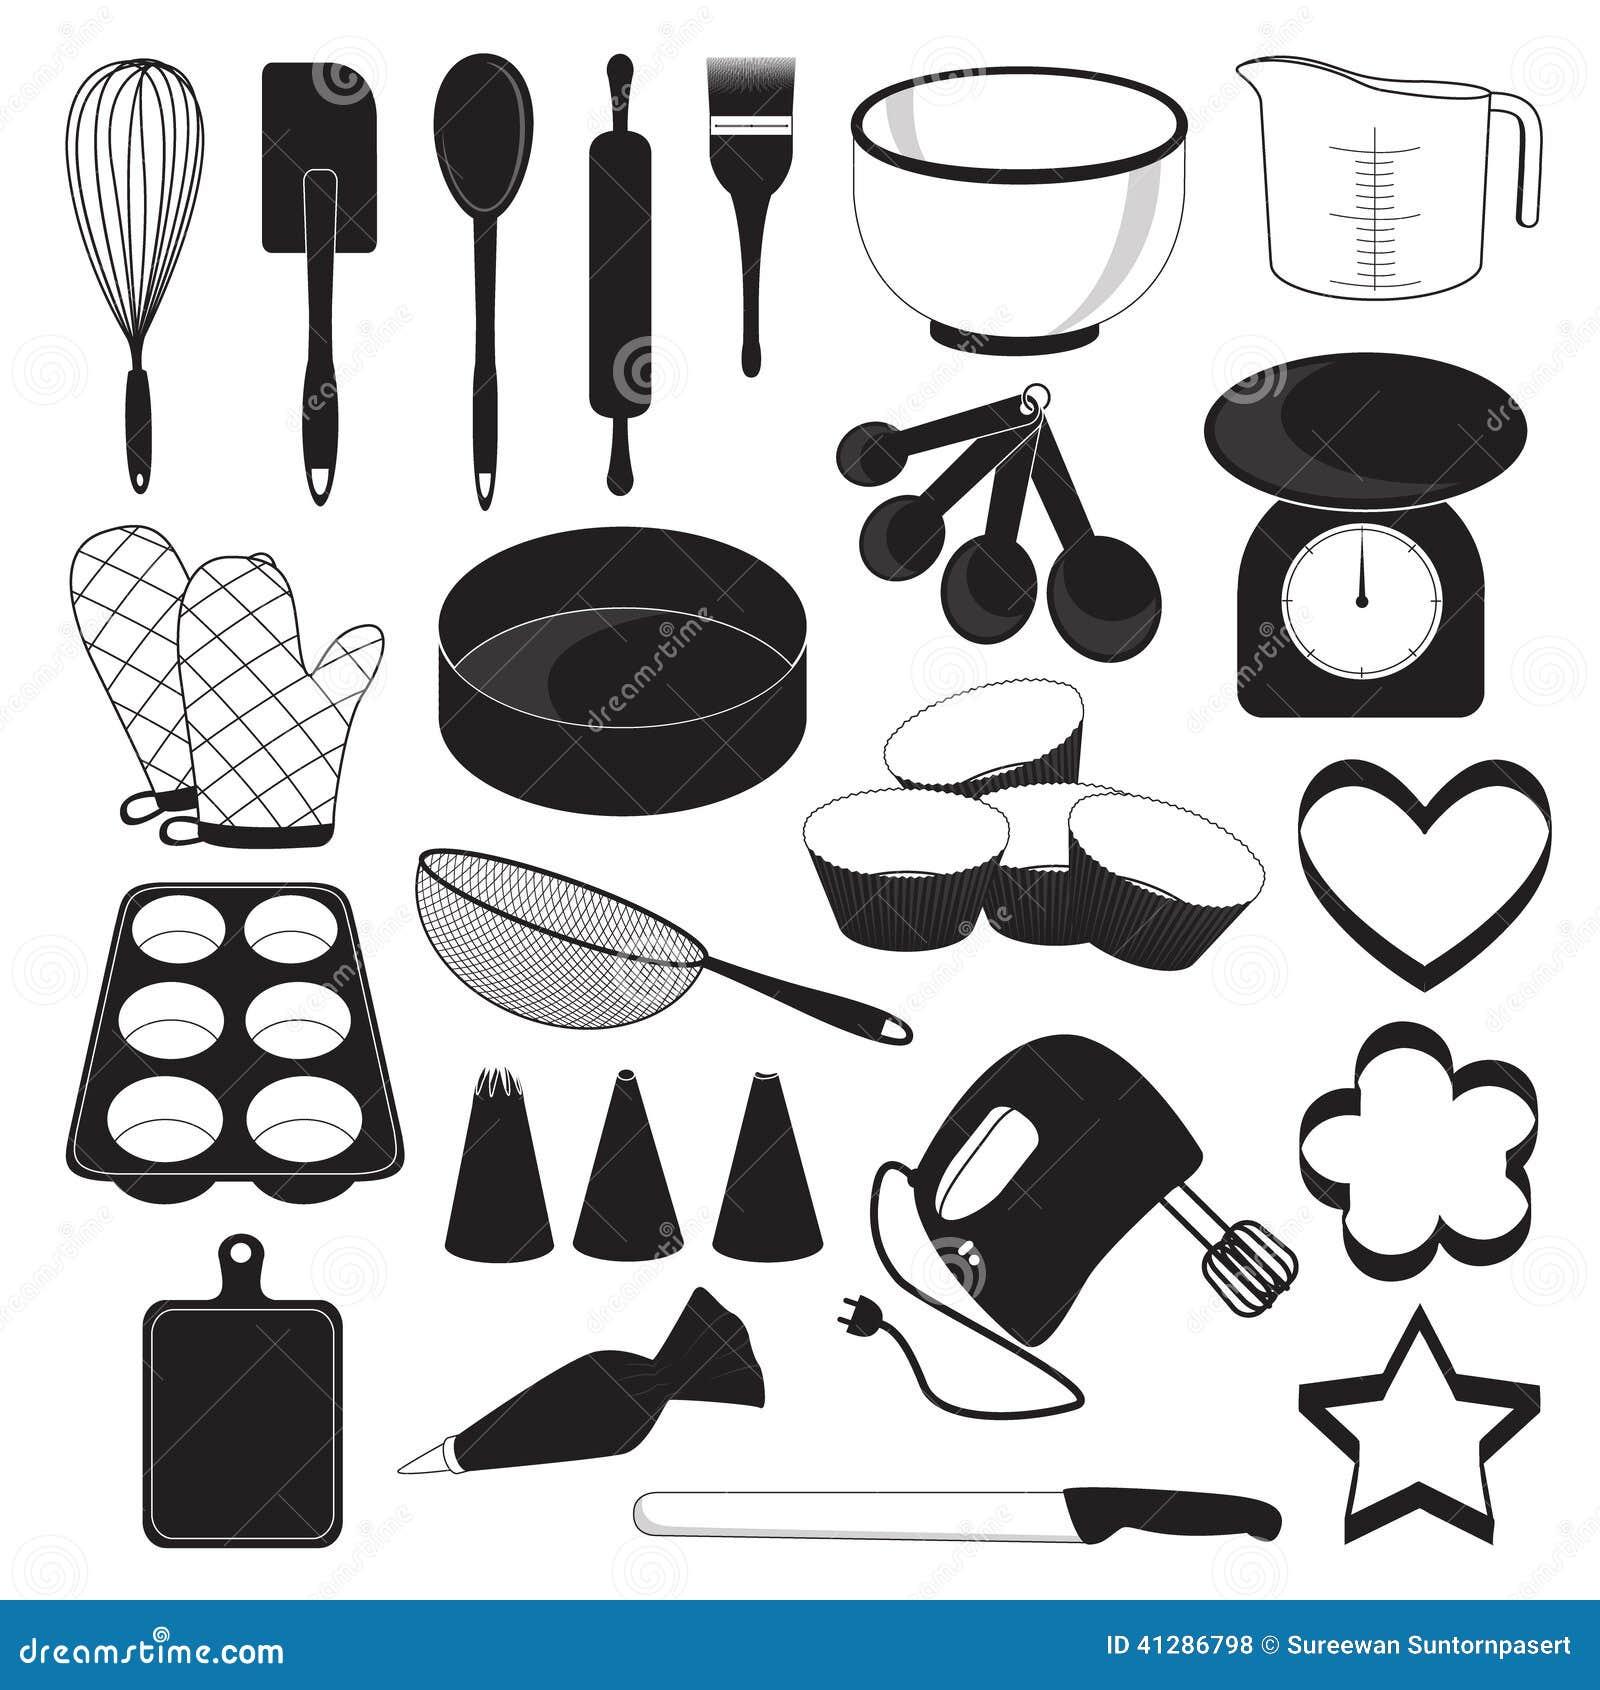 Simple kitchen design tool - Backen Werkzeug Ikonen Eingestellt Vektor Abbildung Bild